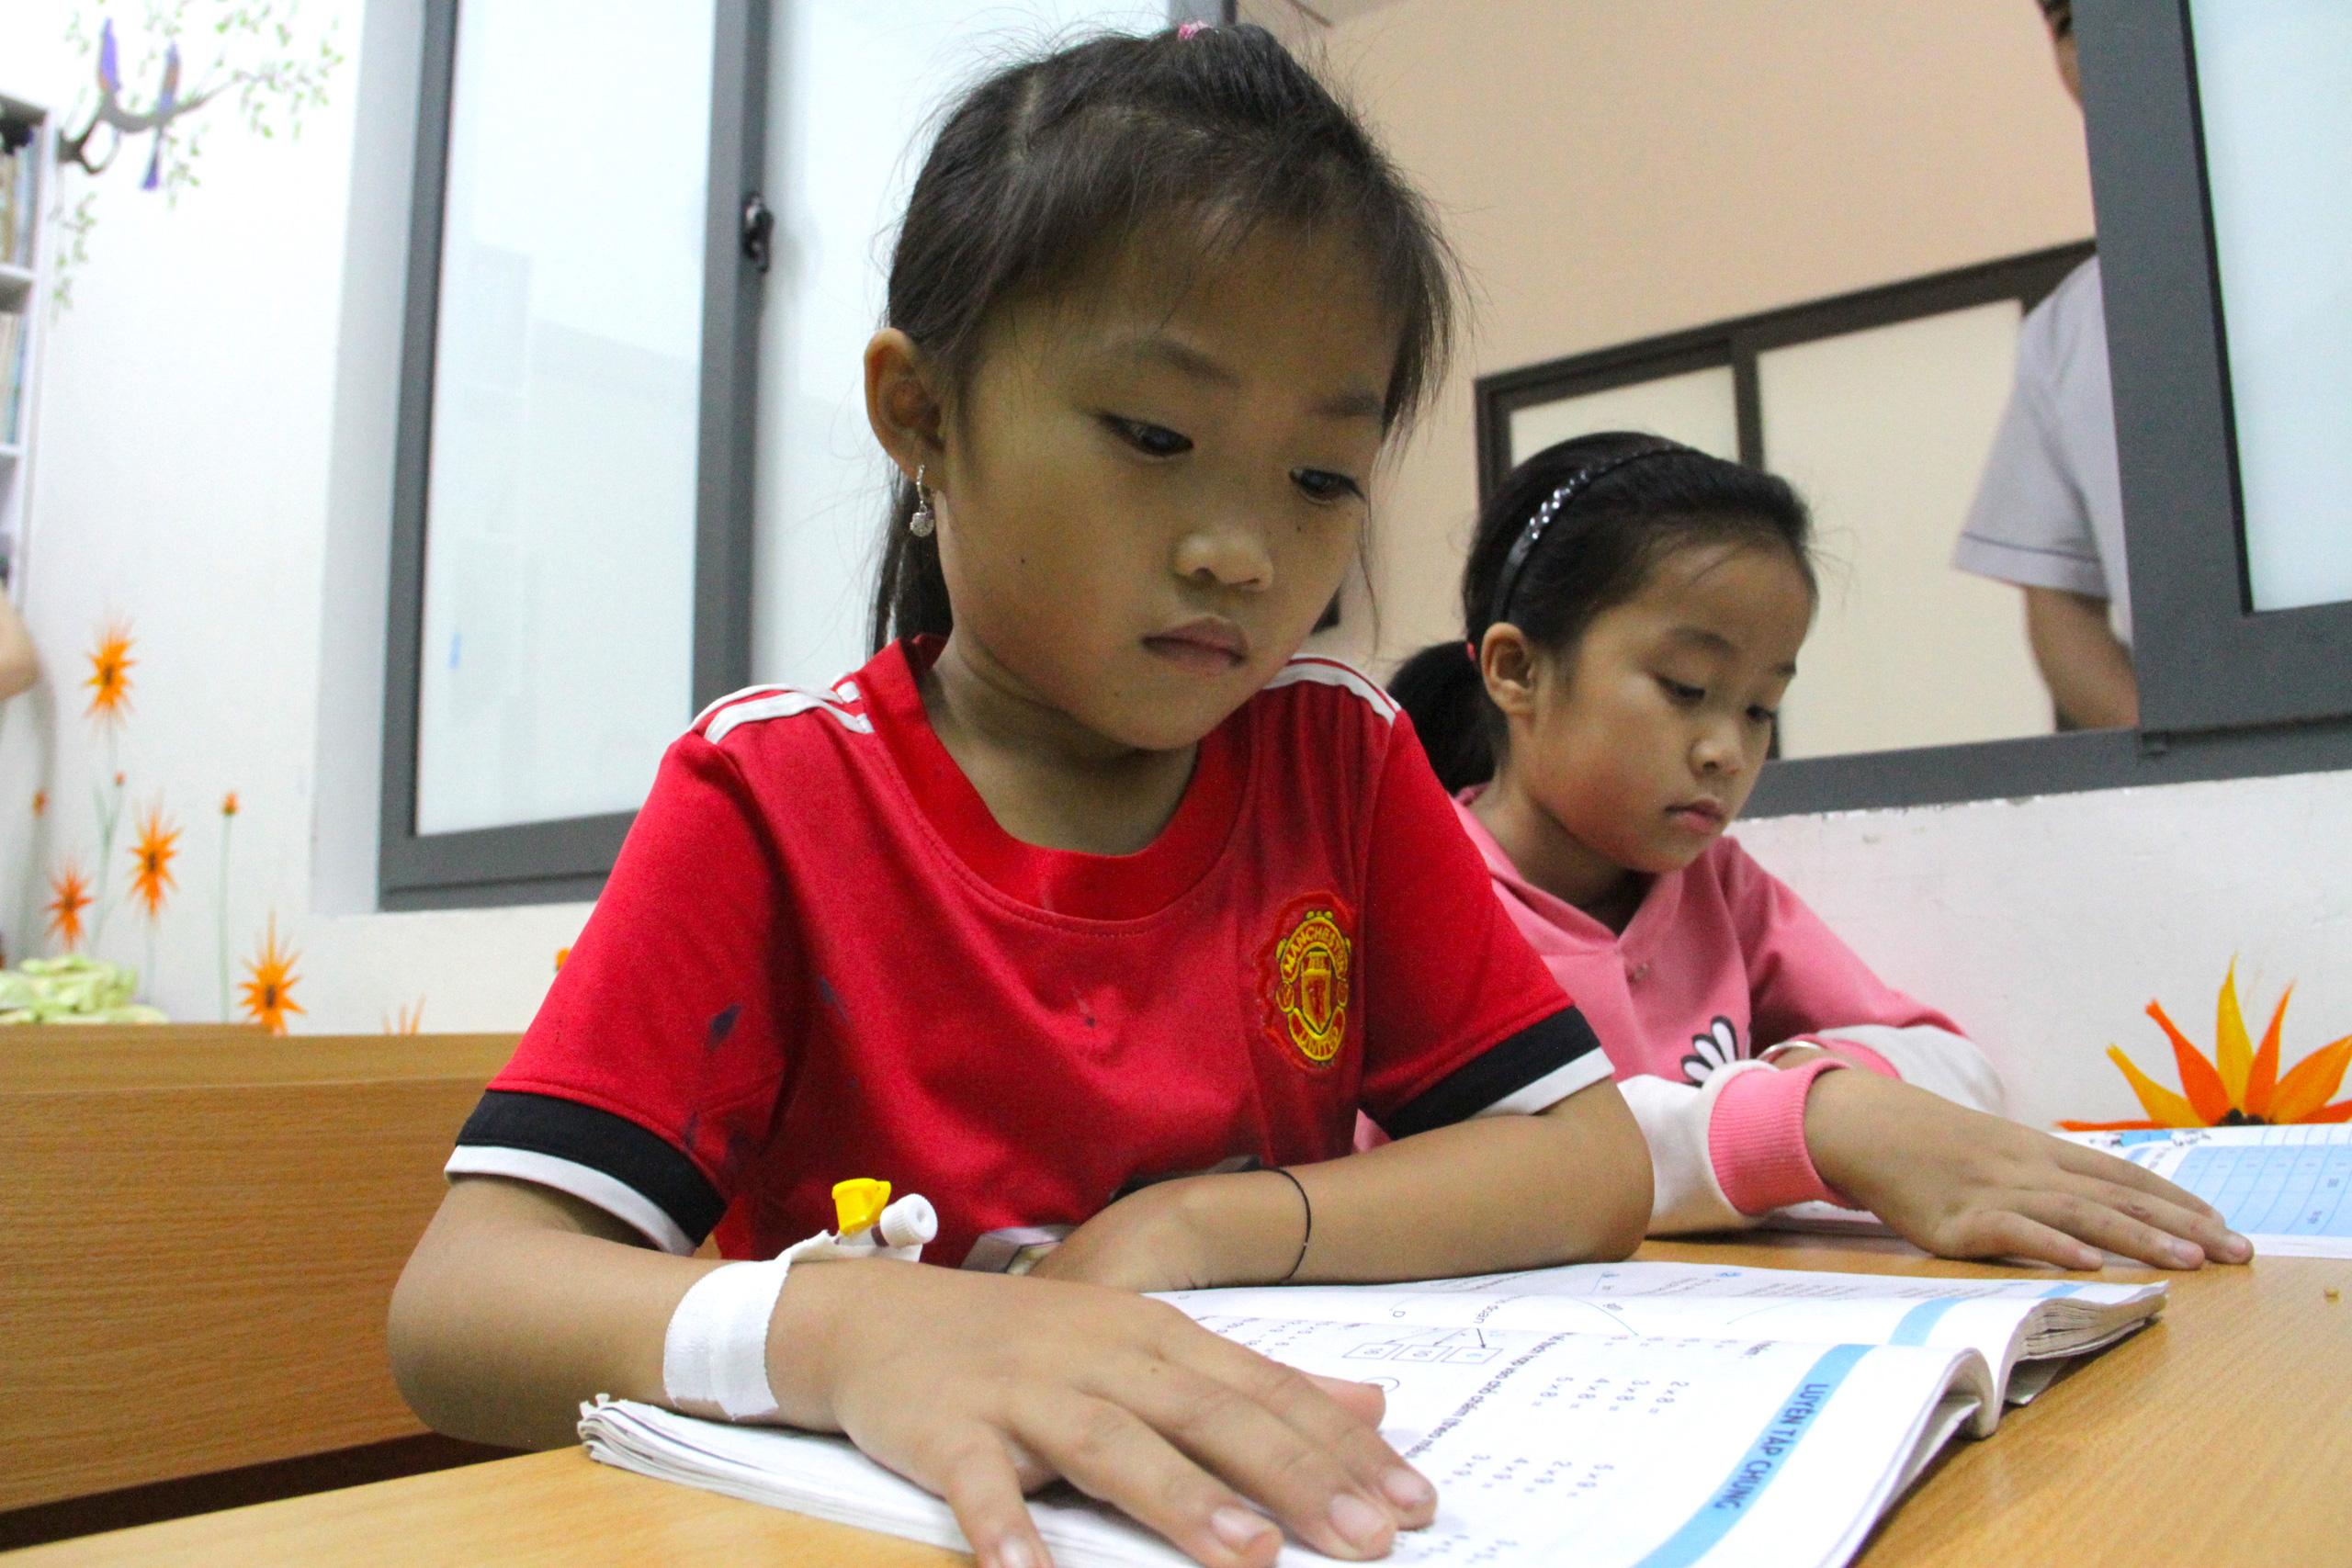 Lớp học đặc biệt trong trung tâm truyền máu, thầy cô là những người khoác áo blouse trắng - Ảnh 12.